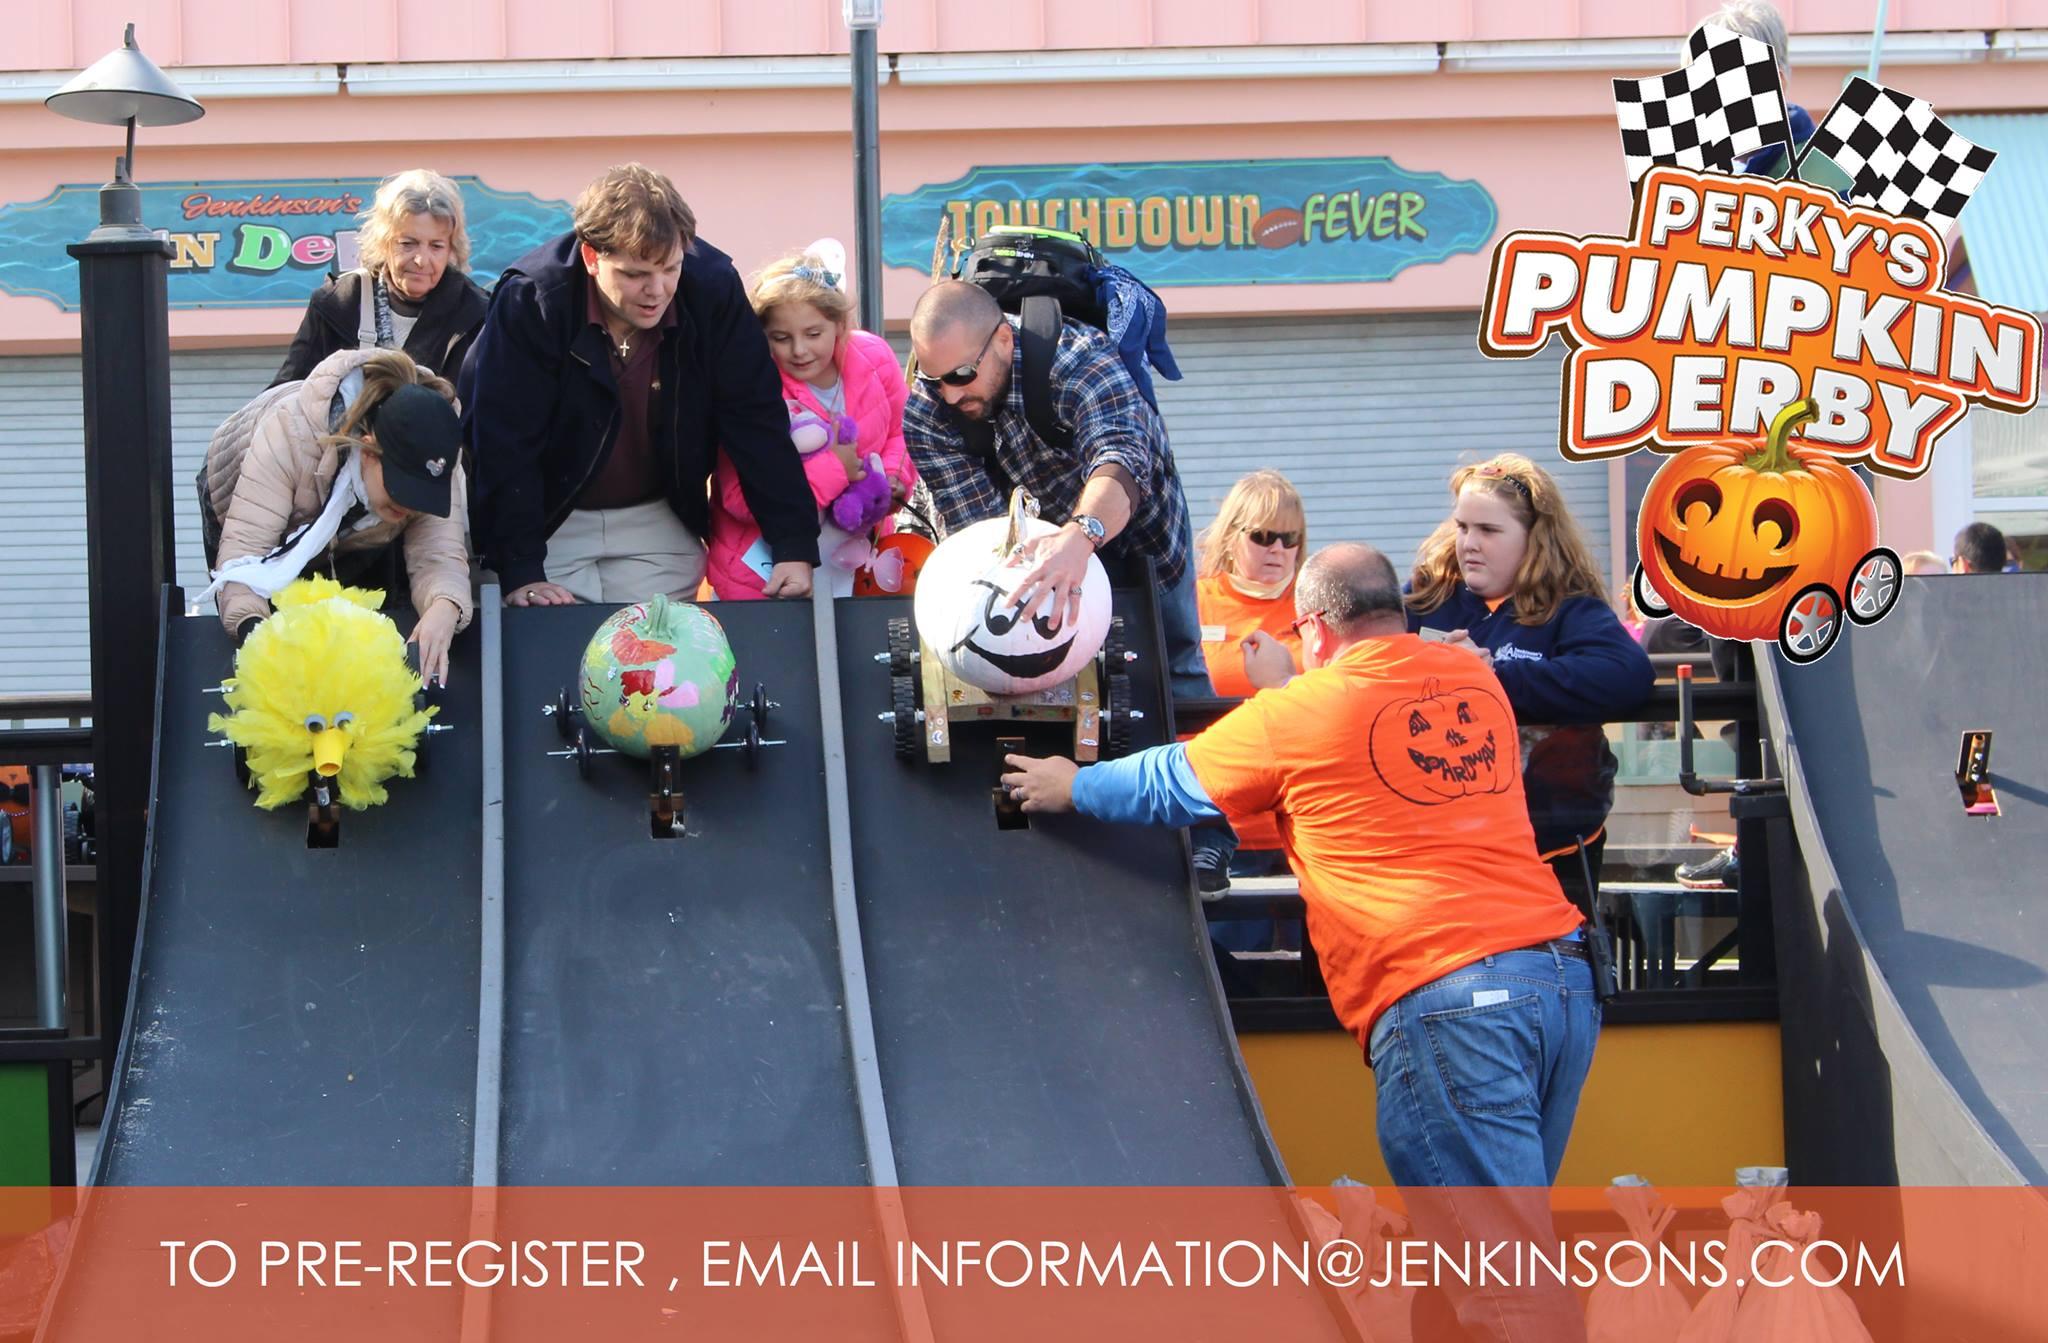 Perky's Pumpkin Derby – October 27th